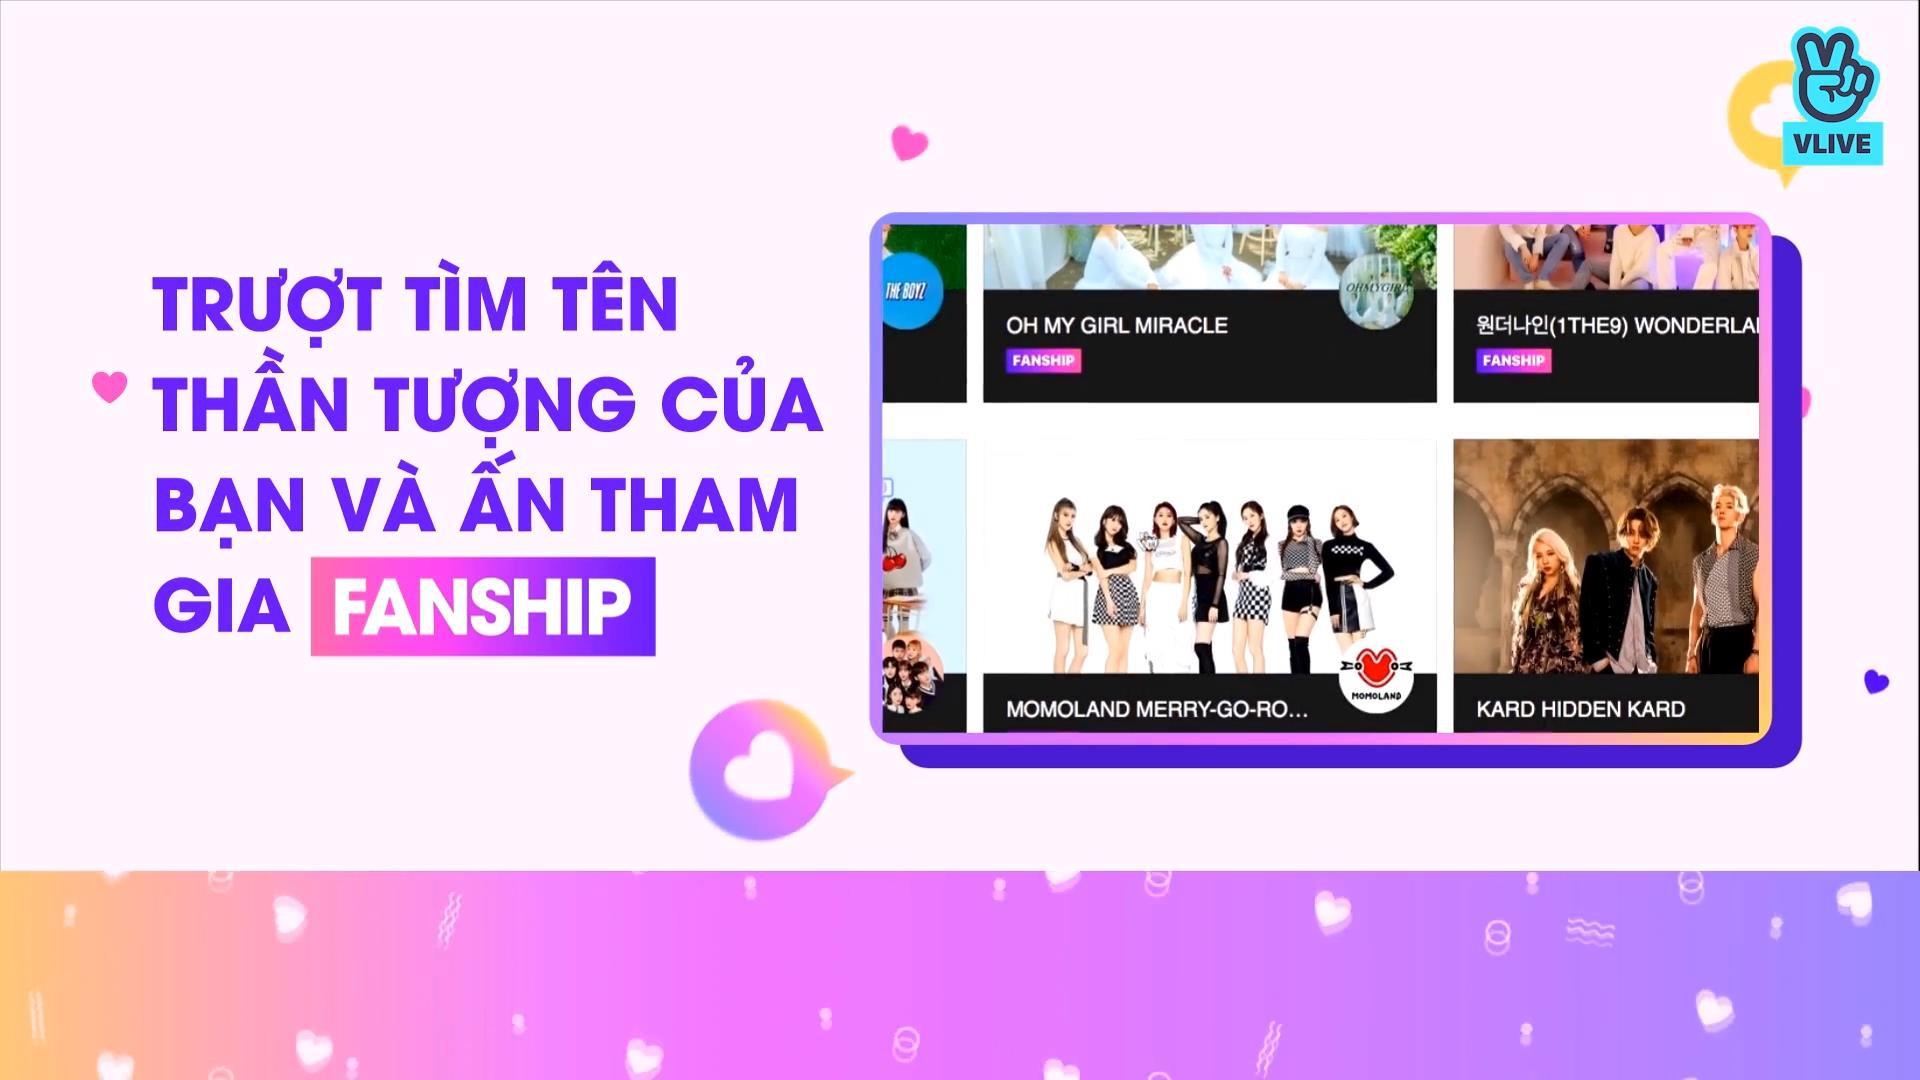 Fanship - Cộng đồng fan online toàn cầu sắp đổ bộ Việt Nam - Ảnh 4.